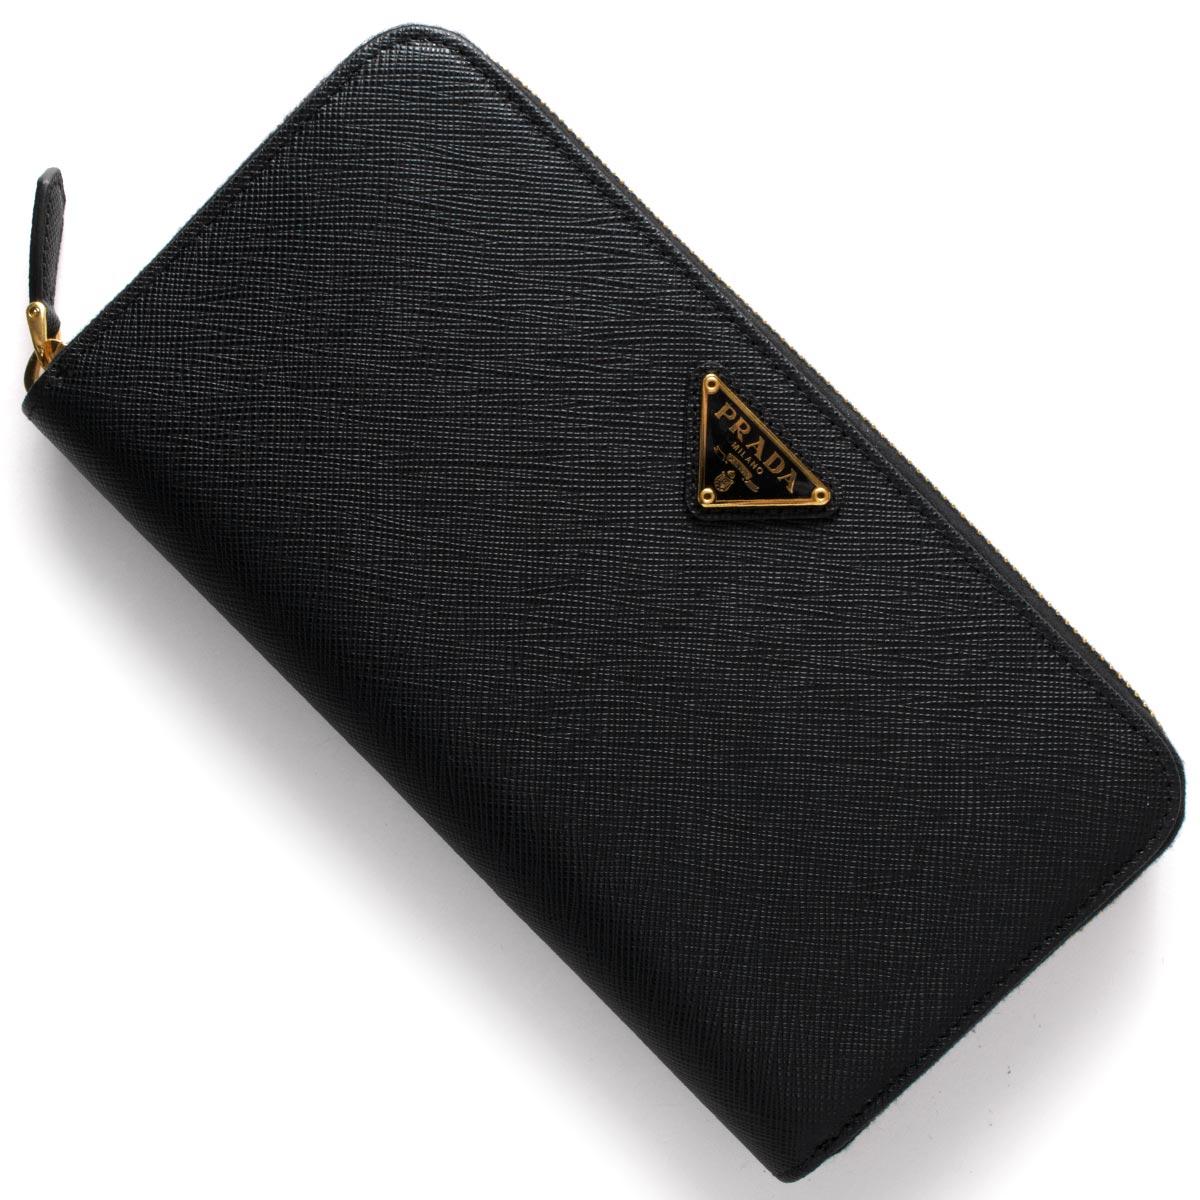 プラダ PRADA 長財布 SAFFIANO TRIANG 三角ロゴプレート ブラック 1ML506 QHH F0002 レディース